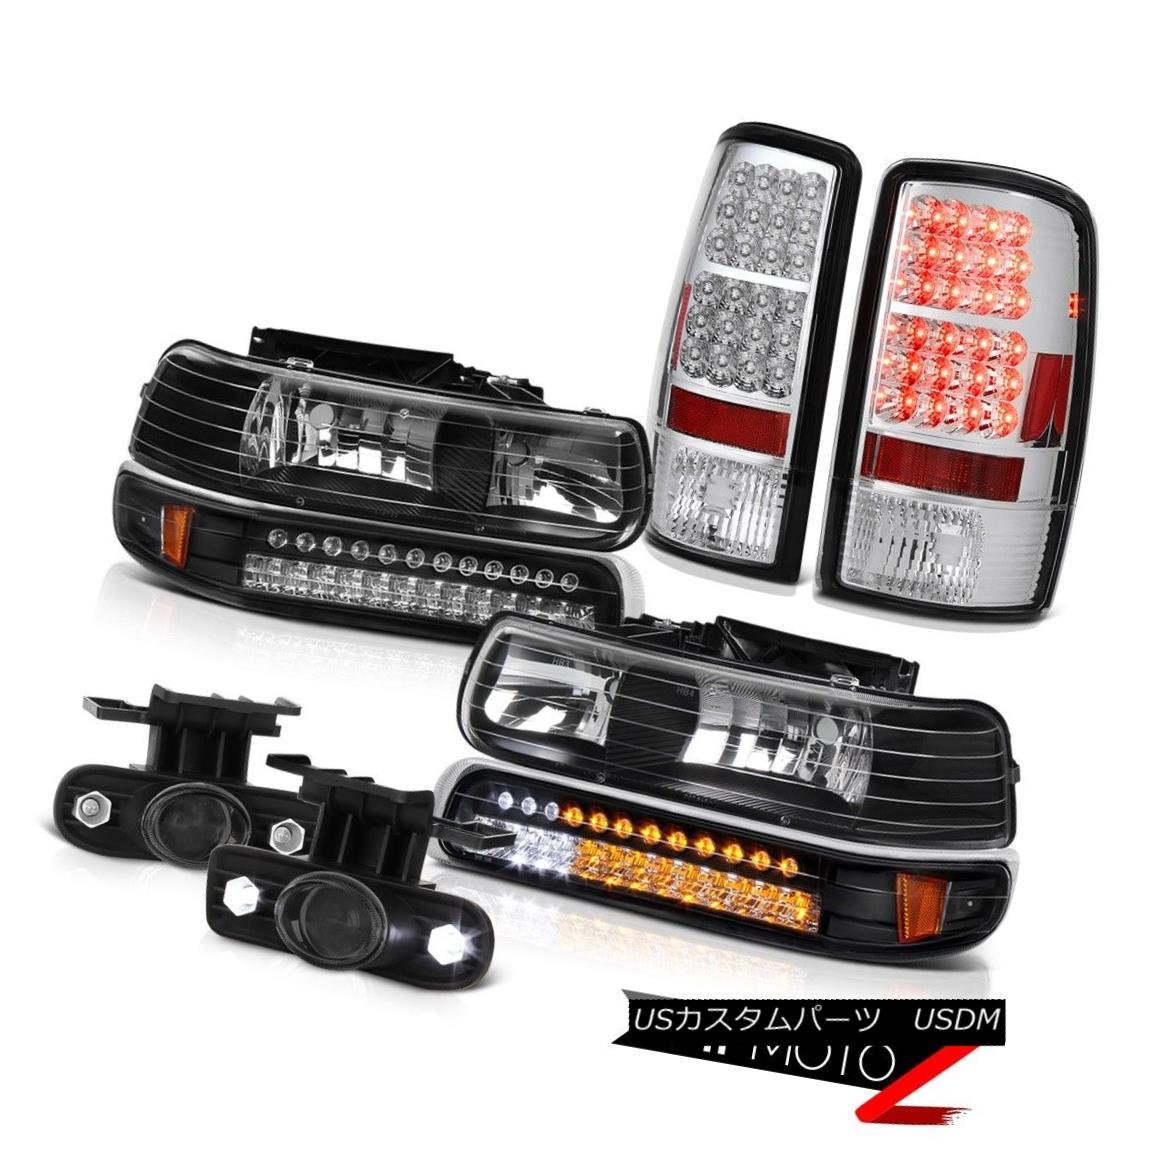 テールライト 2000-06 Suburban 5.3L Black LED Bumper Headlights Bulb Tail Lamps Projector Fog 2000-06郊外5.3LブラックLEDバンパーヘッドライトバルブテールランププロジェクターフォグ